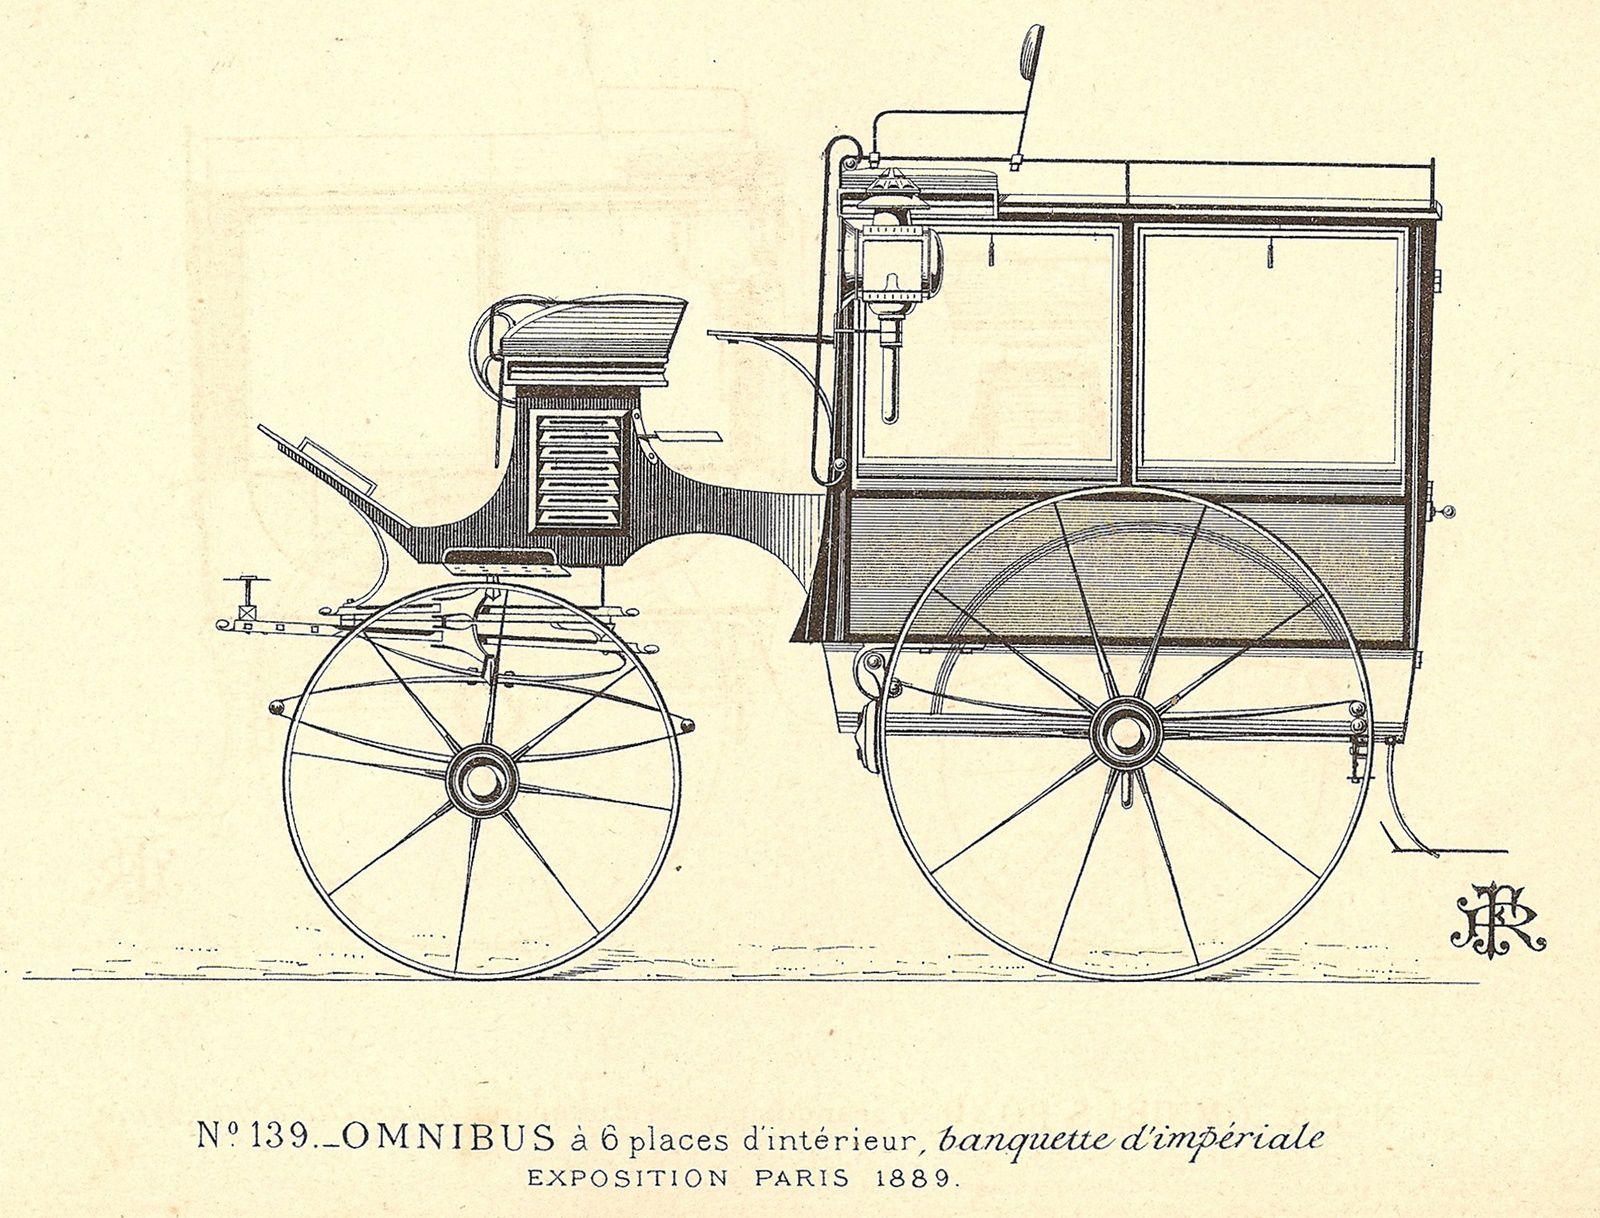 La participation à l'Exposition Universelle de Paris en 1889 avec 3 voitures, dont un étonnant mail-coach ouvert, fait définitivement entrer la Maison Rétif frères dans le cercle restreint des grands carrossiers.